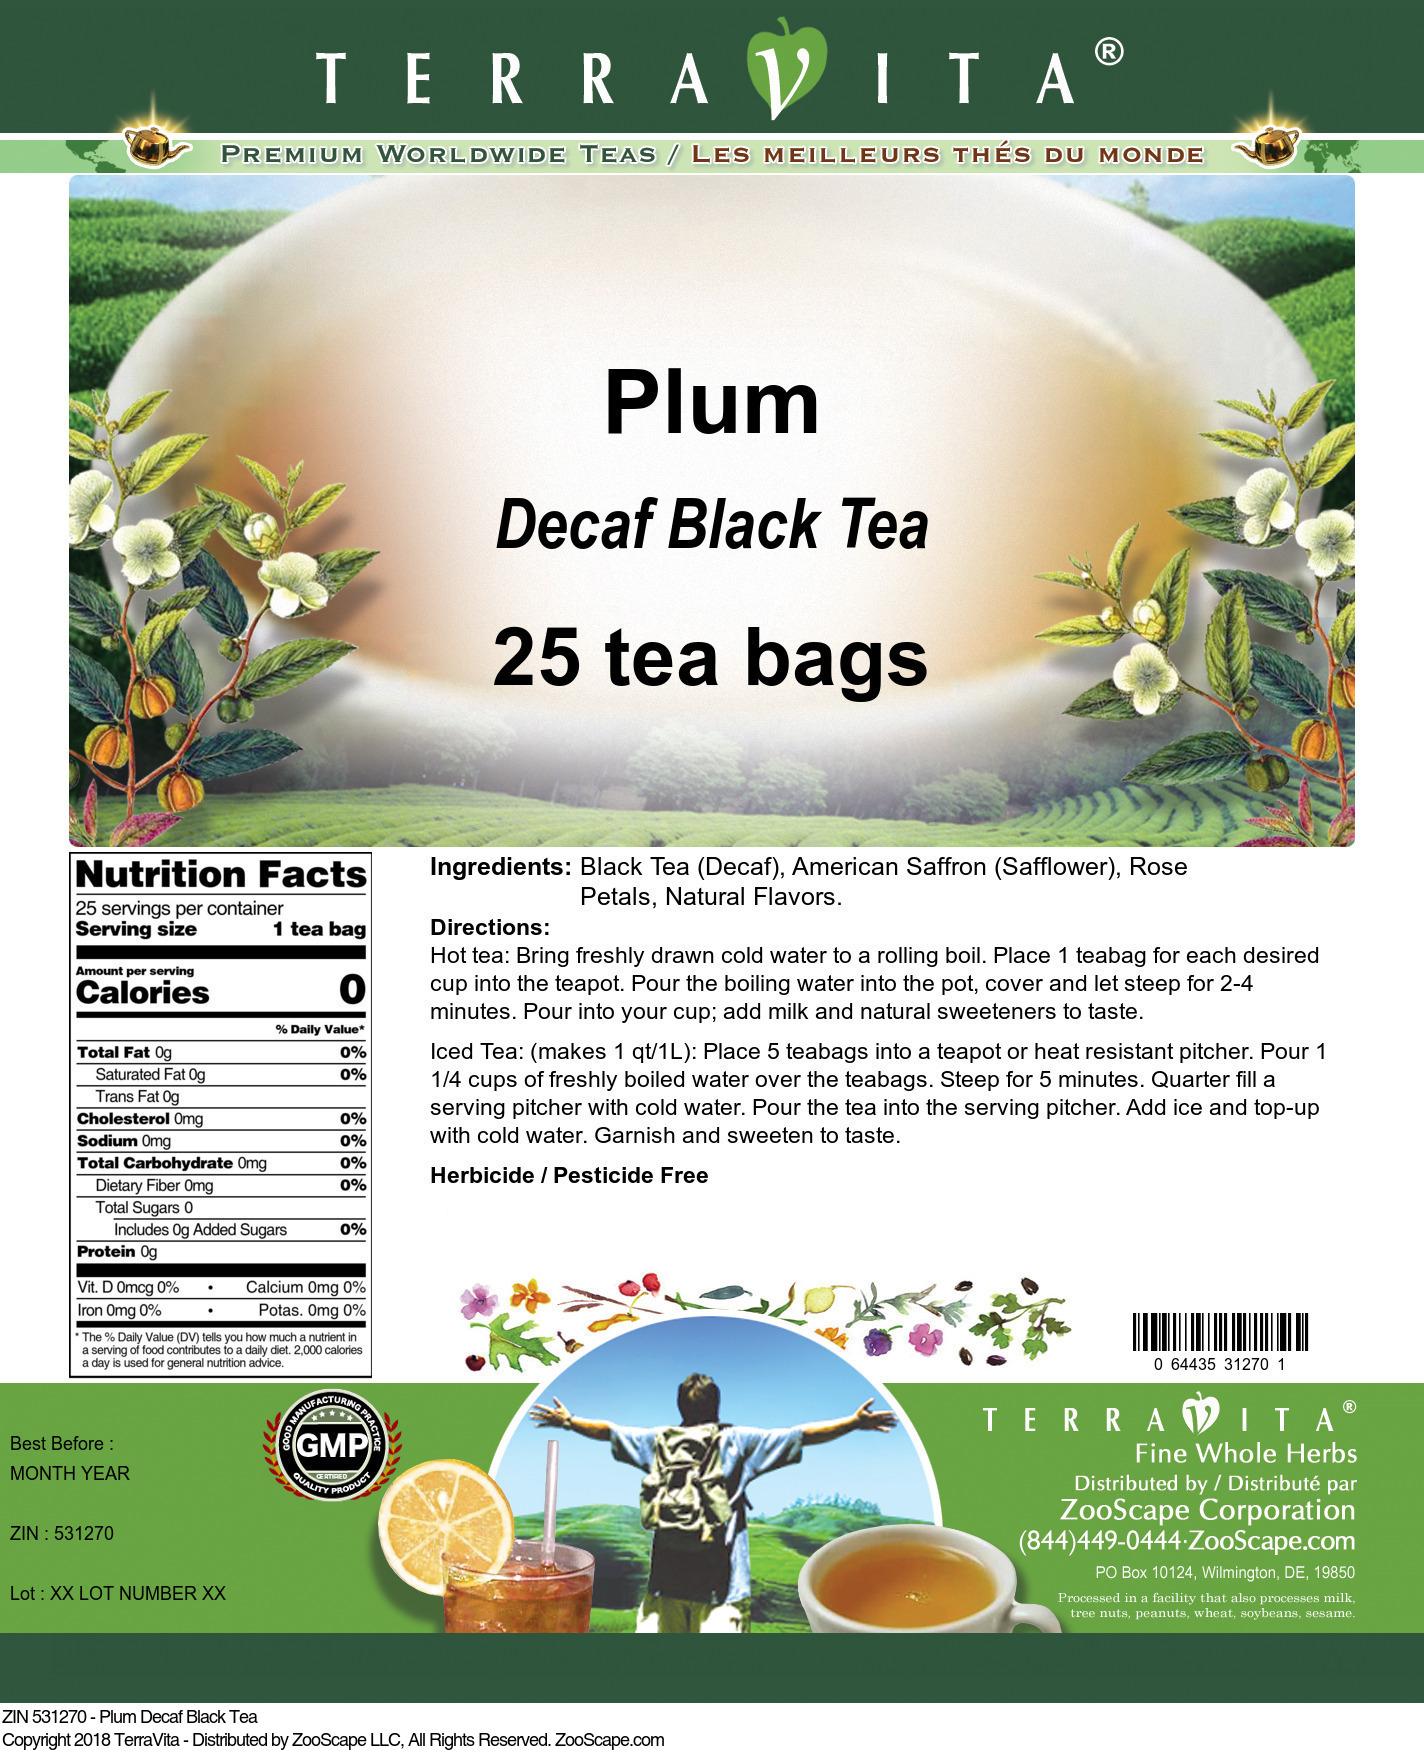 Plum Decaf Black Tea